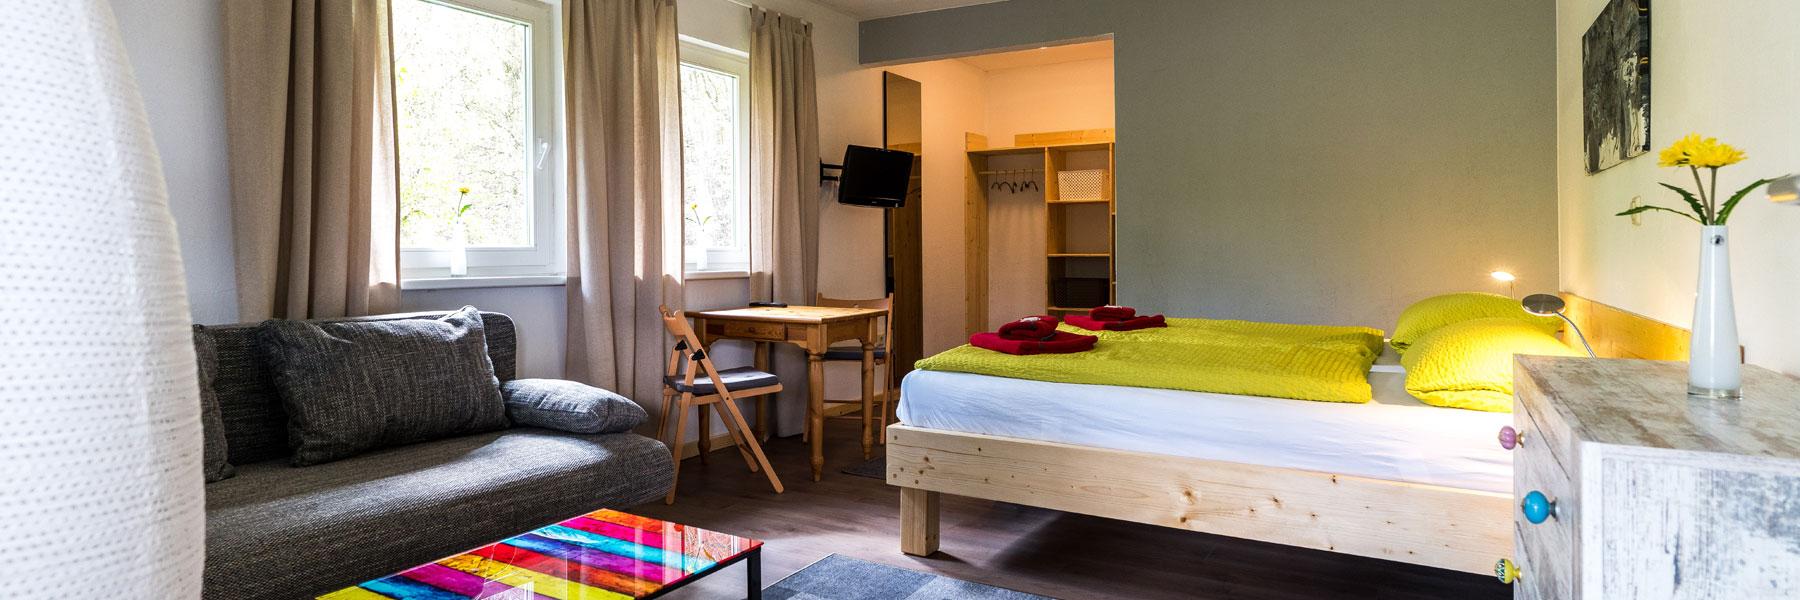 Zimmeransicht - Landhotel & Café Prälank